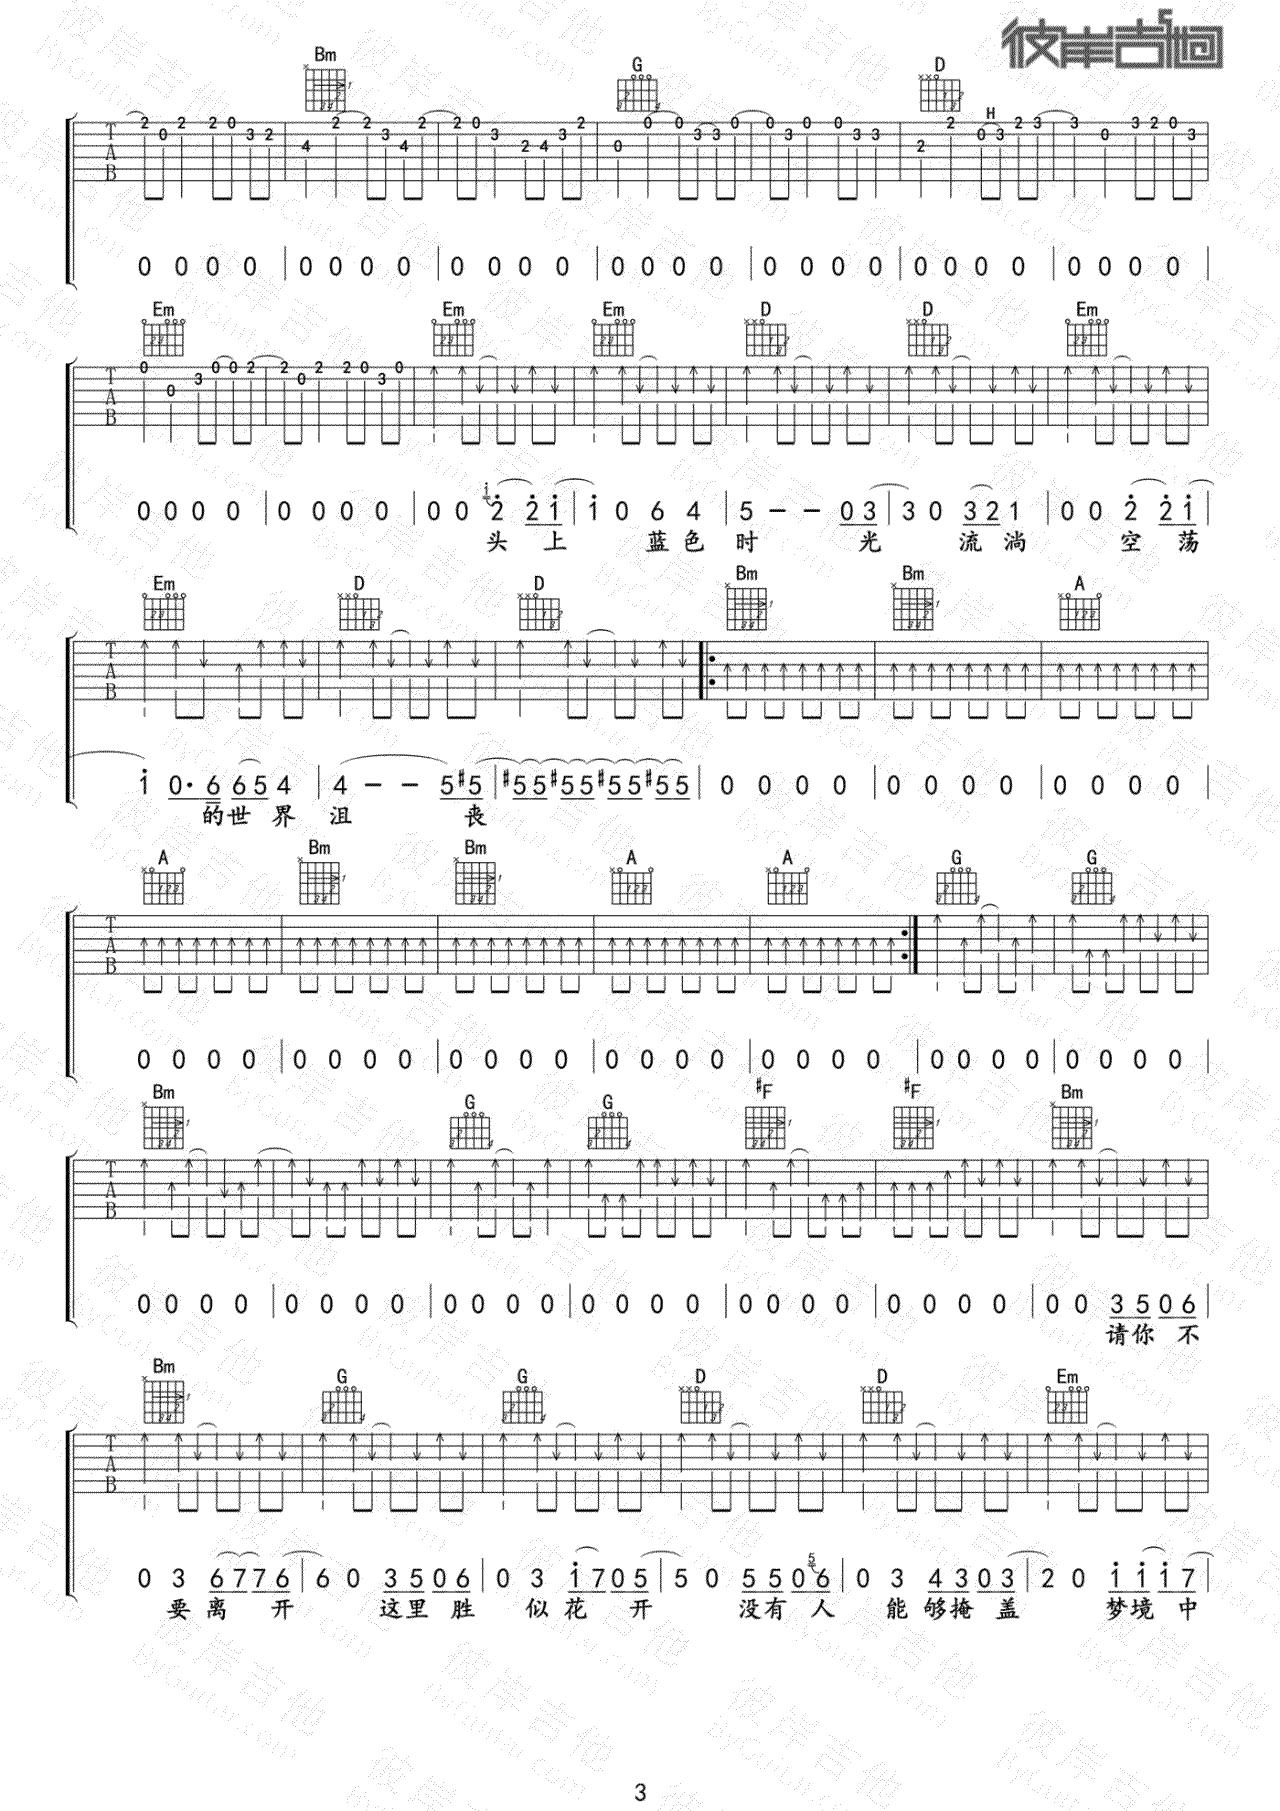 《白日梦蓝》吉他谱_刺猬_D调原版弹唱六线谱_高清图片谱3